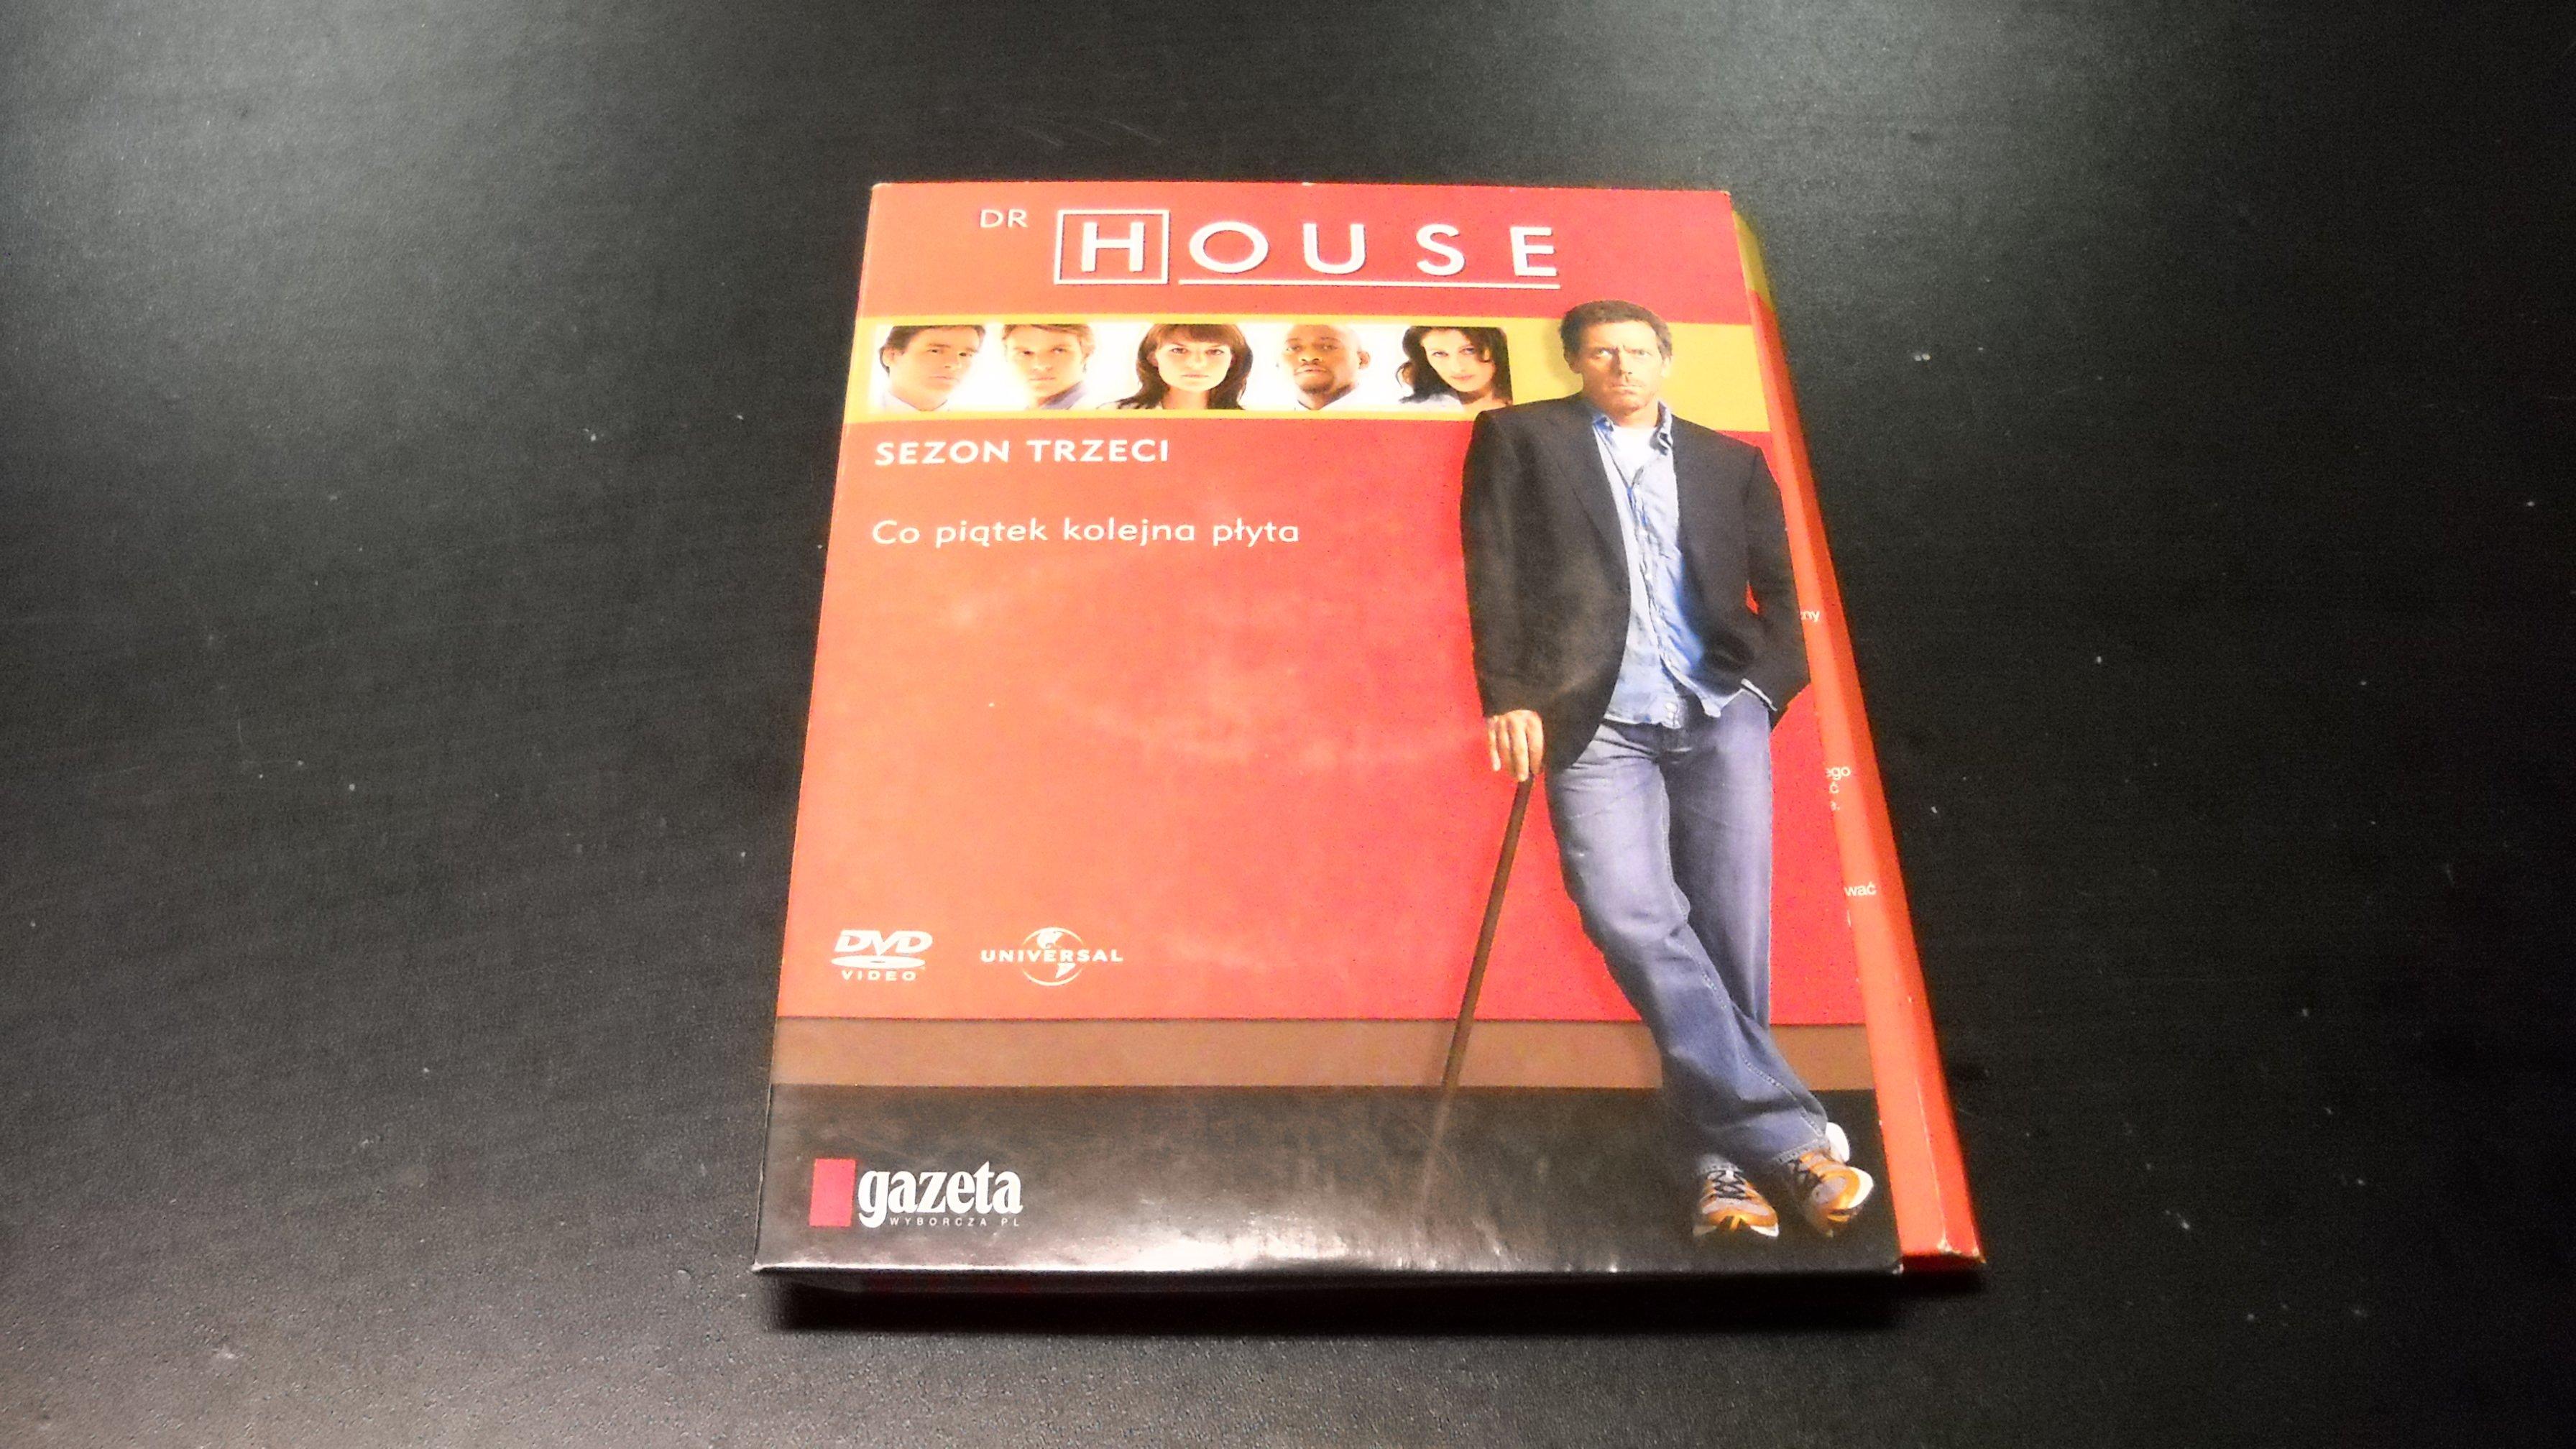 Dr House Sezon 3 ```````````` 8 DVD ```````````` Opole AlleOpole.pl